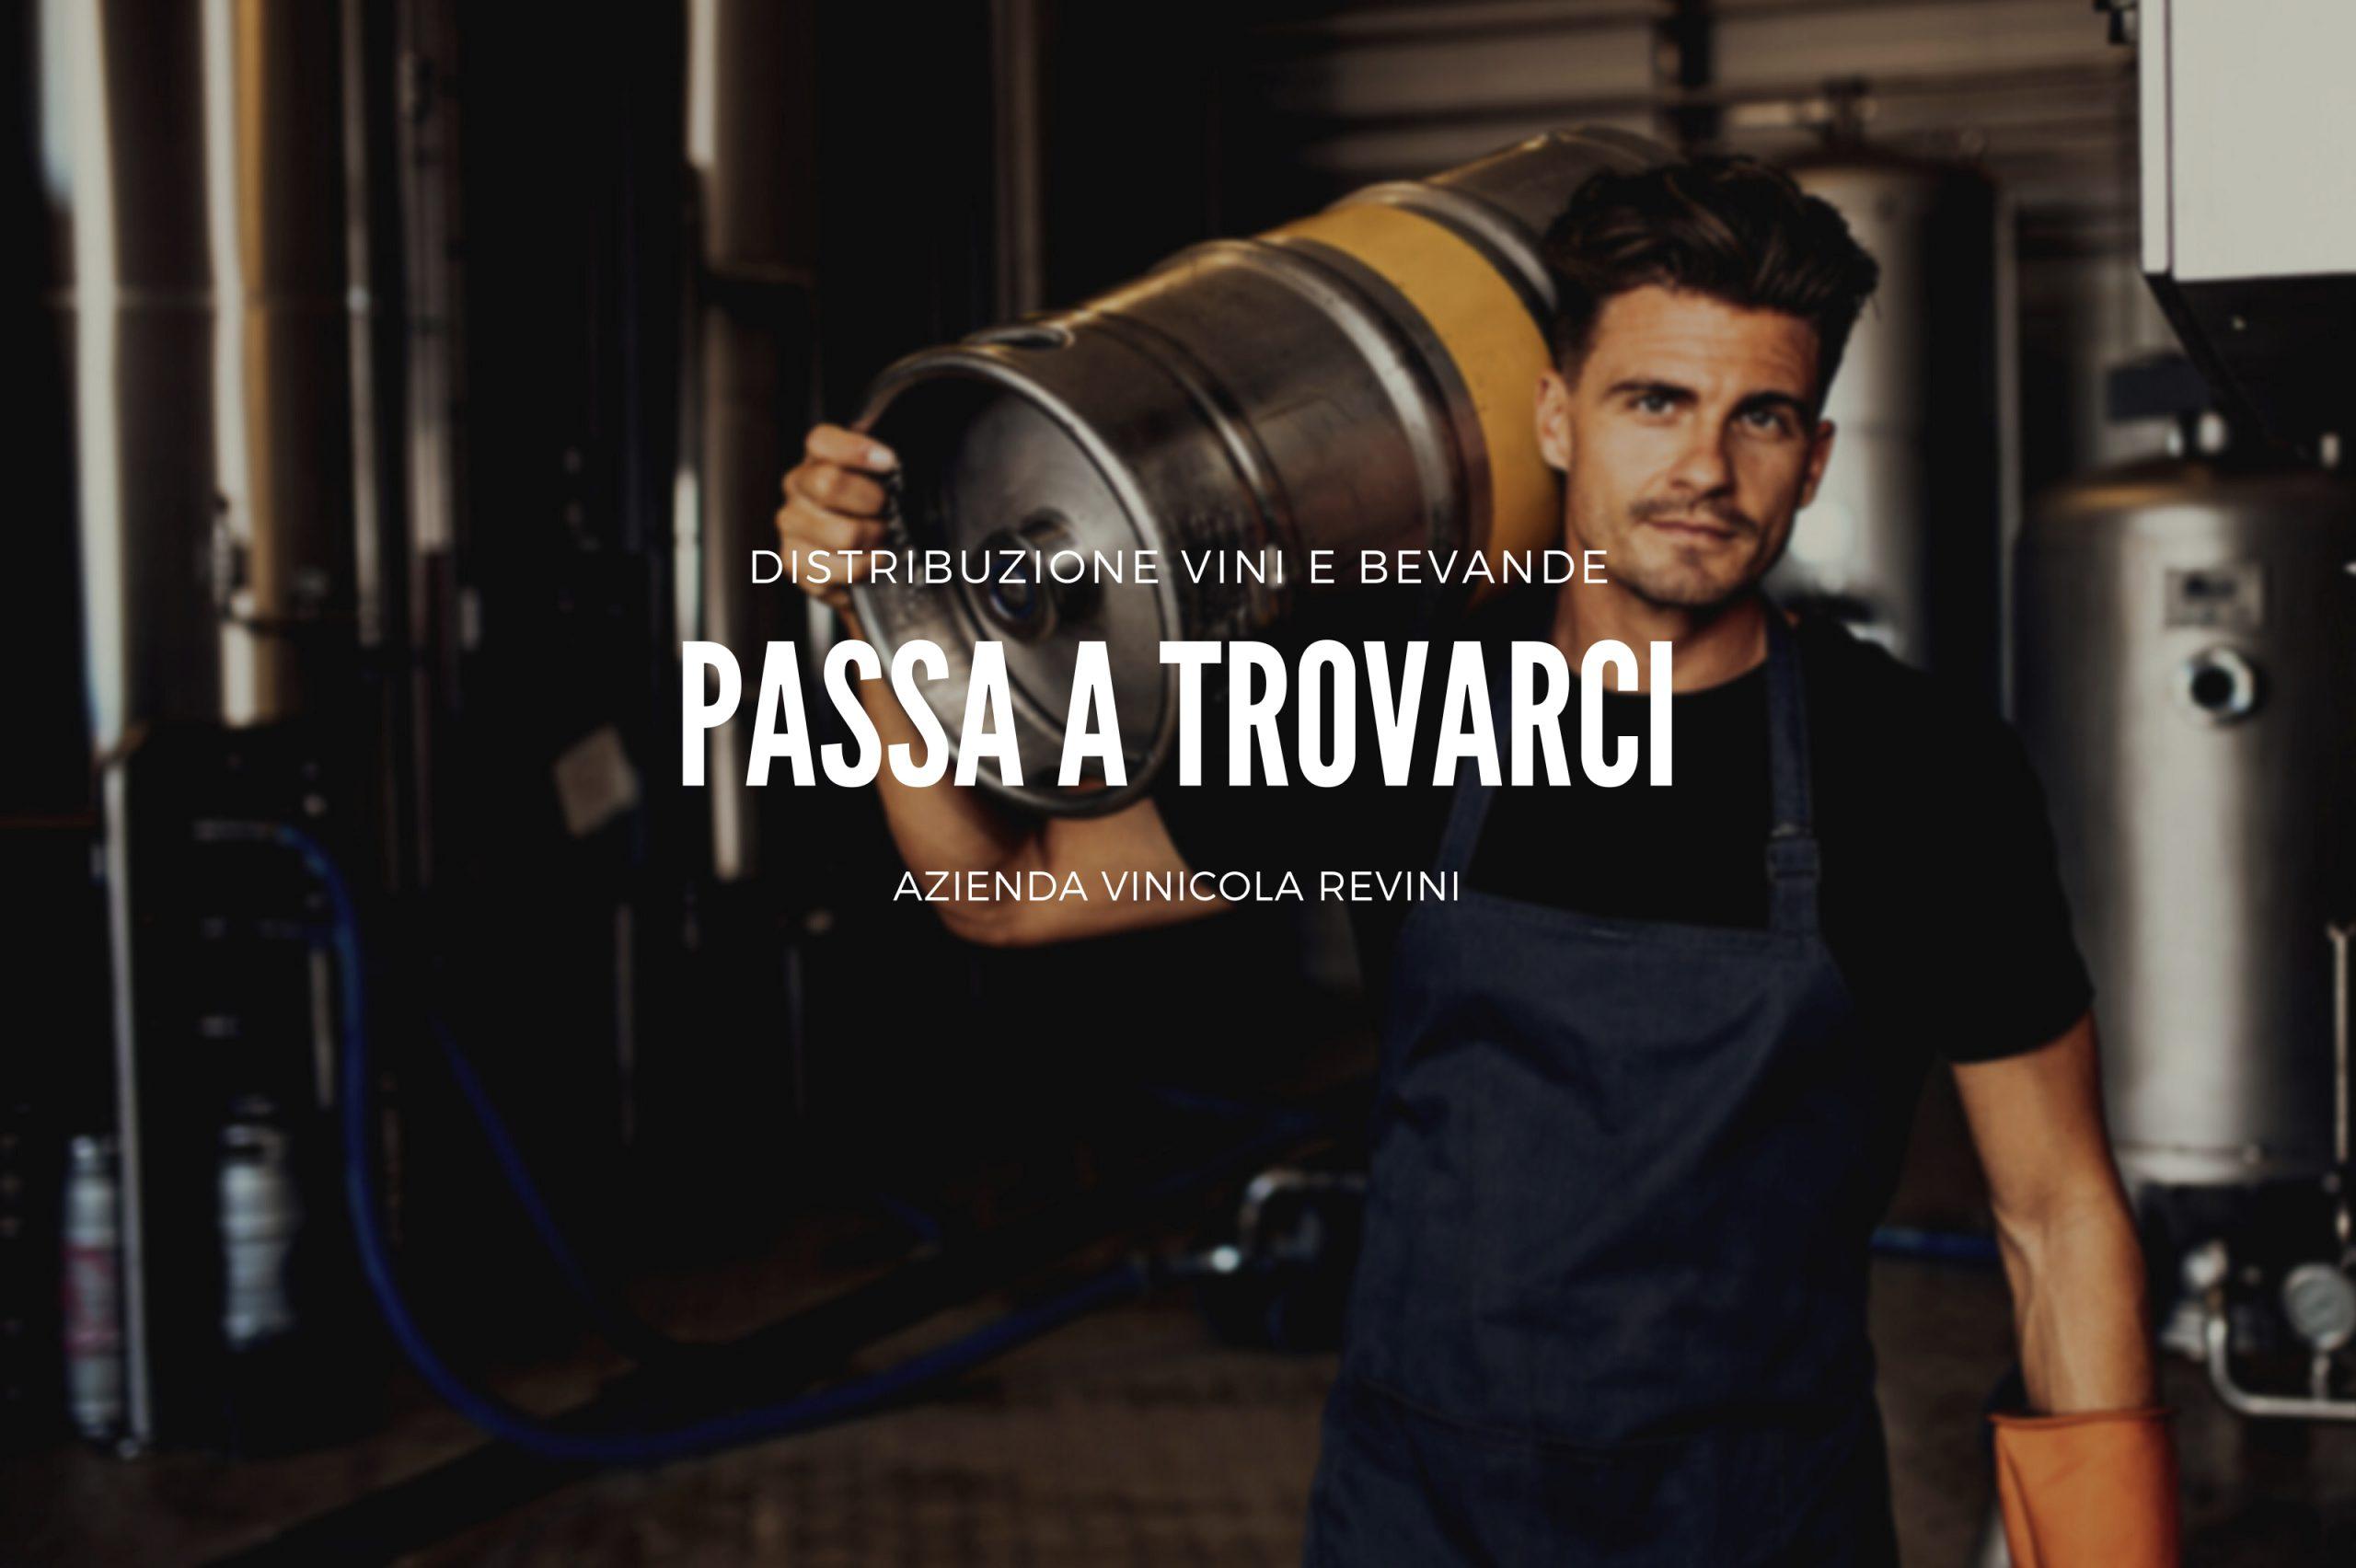 Azienda Vinicola Revini sui Colli Euganei distribuzione bevande e vini